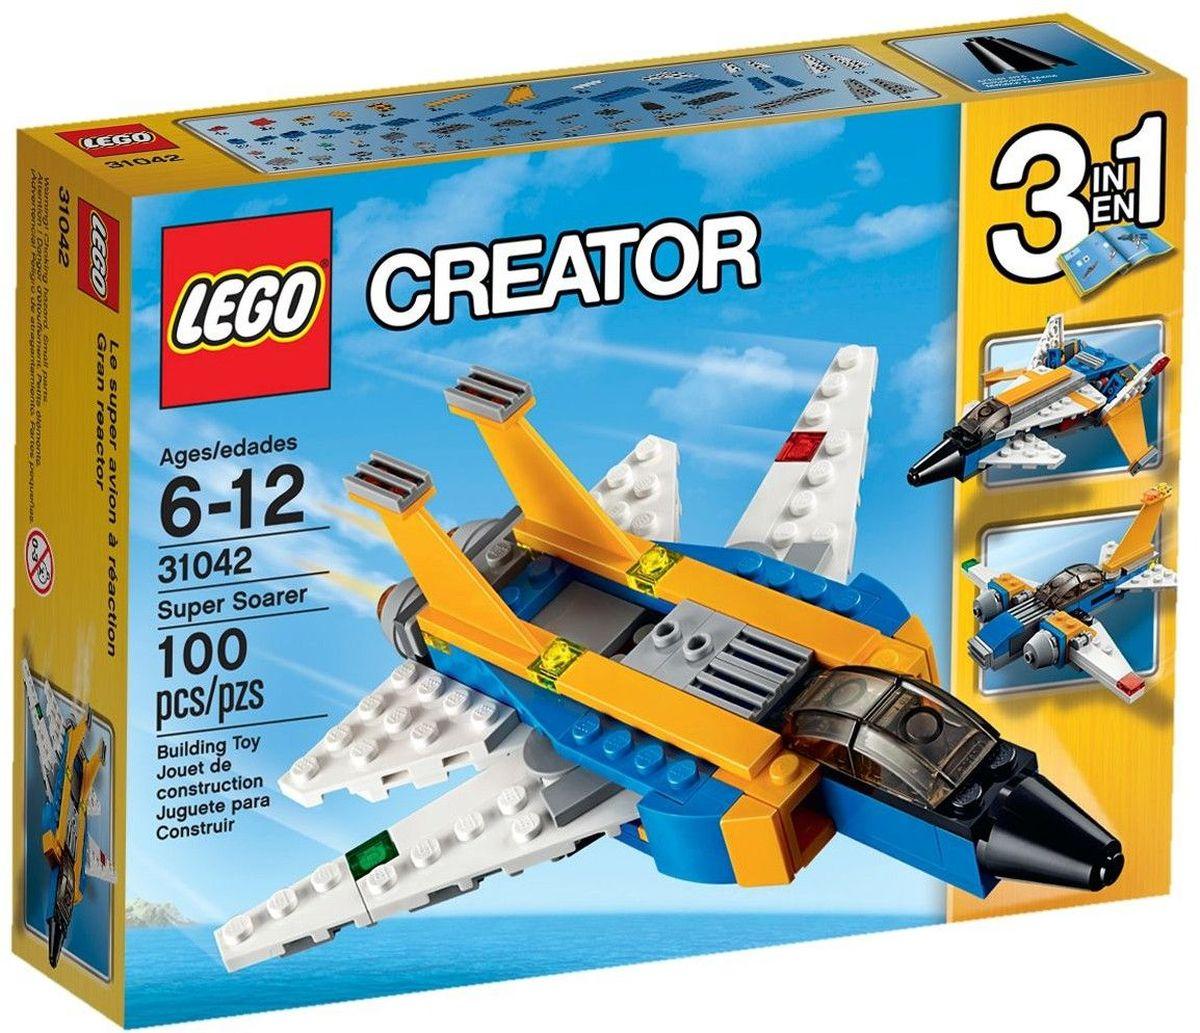 LEGO Creator Конструктор Реактивный самолет 3104231042Переходите в сверхзвуковой режим на этом удивительном реактивном самолете, раскрашенном в темно-желтый, синий и белый цвета и имеющем двойные вертикальные стабилизаторы, воздухозаборник, навигационные огни и большие двигатели. Активируйте подвижные крылья, оставьте взлетную полосу внизу и взмывайте в небо! Когда будете готовы к новому заданию по сборке, переделайте его в футуристический самолет или в классический самолет. Набор включает в себя 100 разноцветных пластиковых элемента. Конструктор - это один из самых увлекательных и веселых способов времяпрепровождения. Ребенок сможет часами играть с конструктором, придумывая различные ситуации и истории.